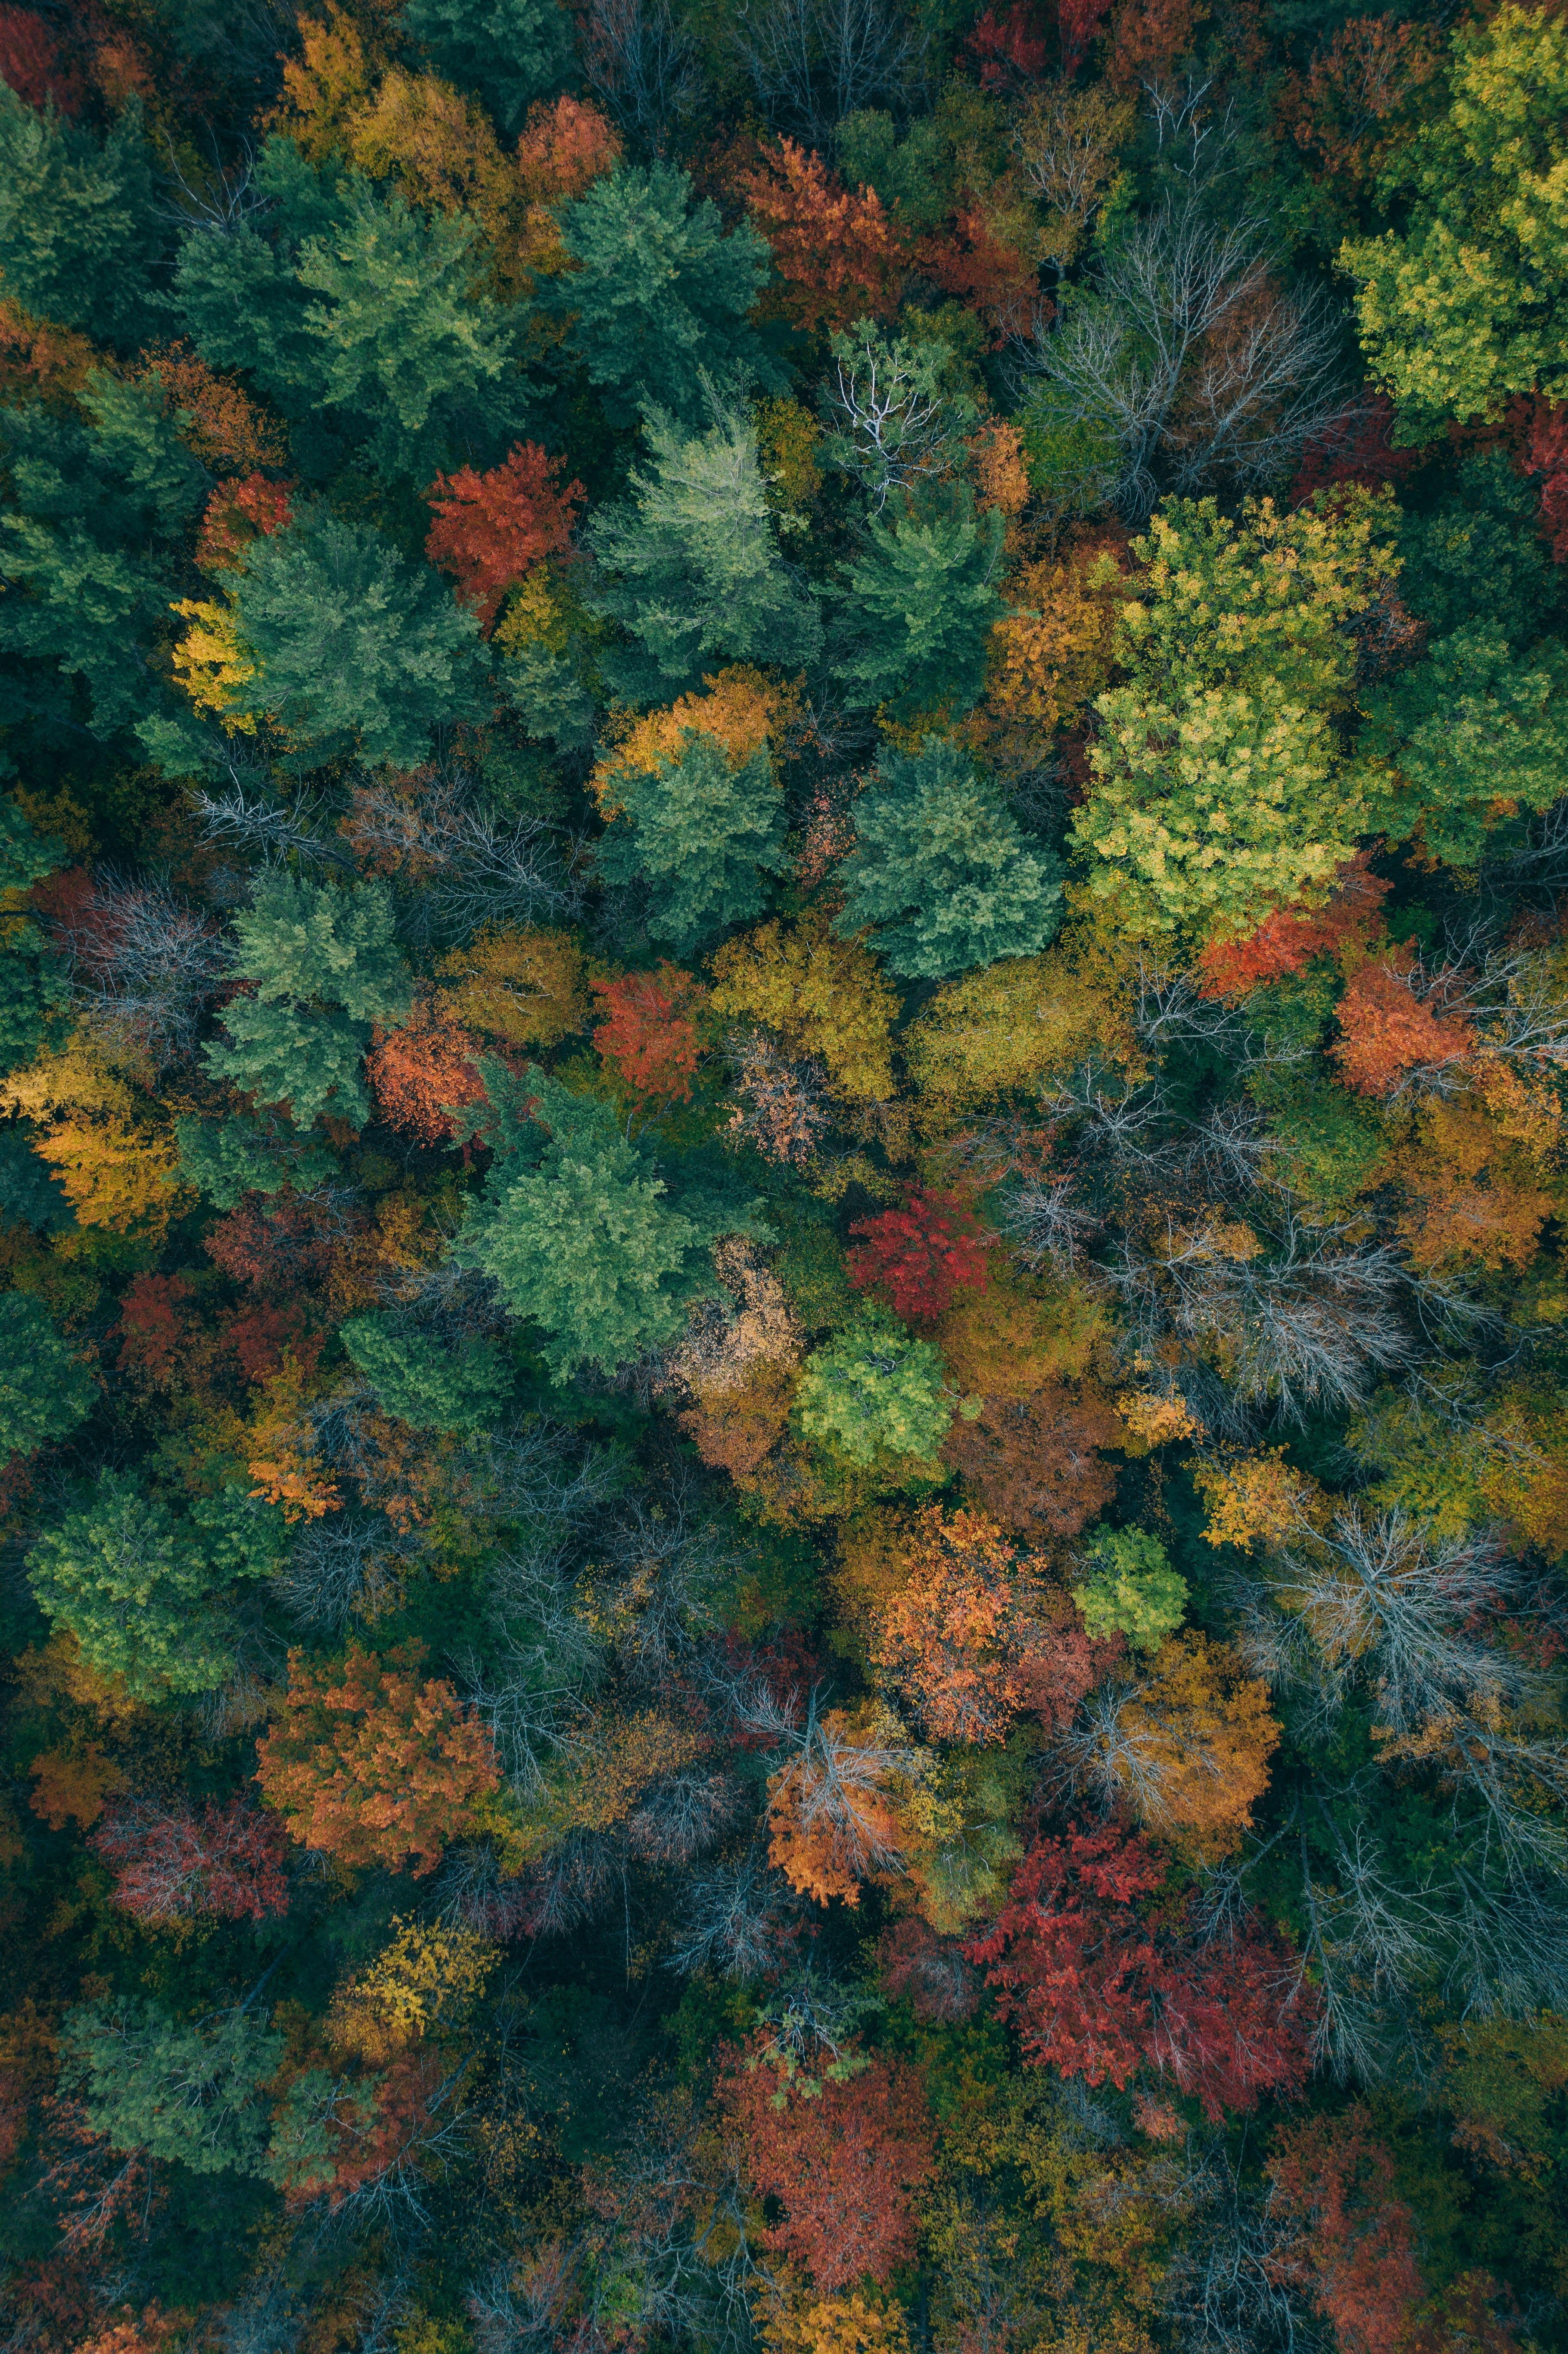 Trees Aerial View Autumn Autumn Colors Forest Colorful 5k Wallpaper Hdwallpaper Desktop Autumn Wallpaper Hd Forest Wallpaper Aerial View Hd wallpaper forest trees aerial view